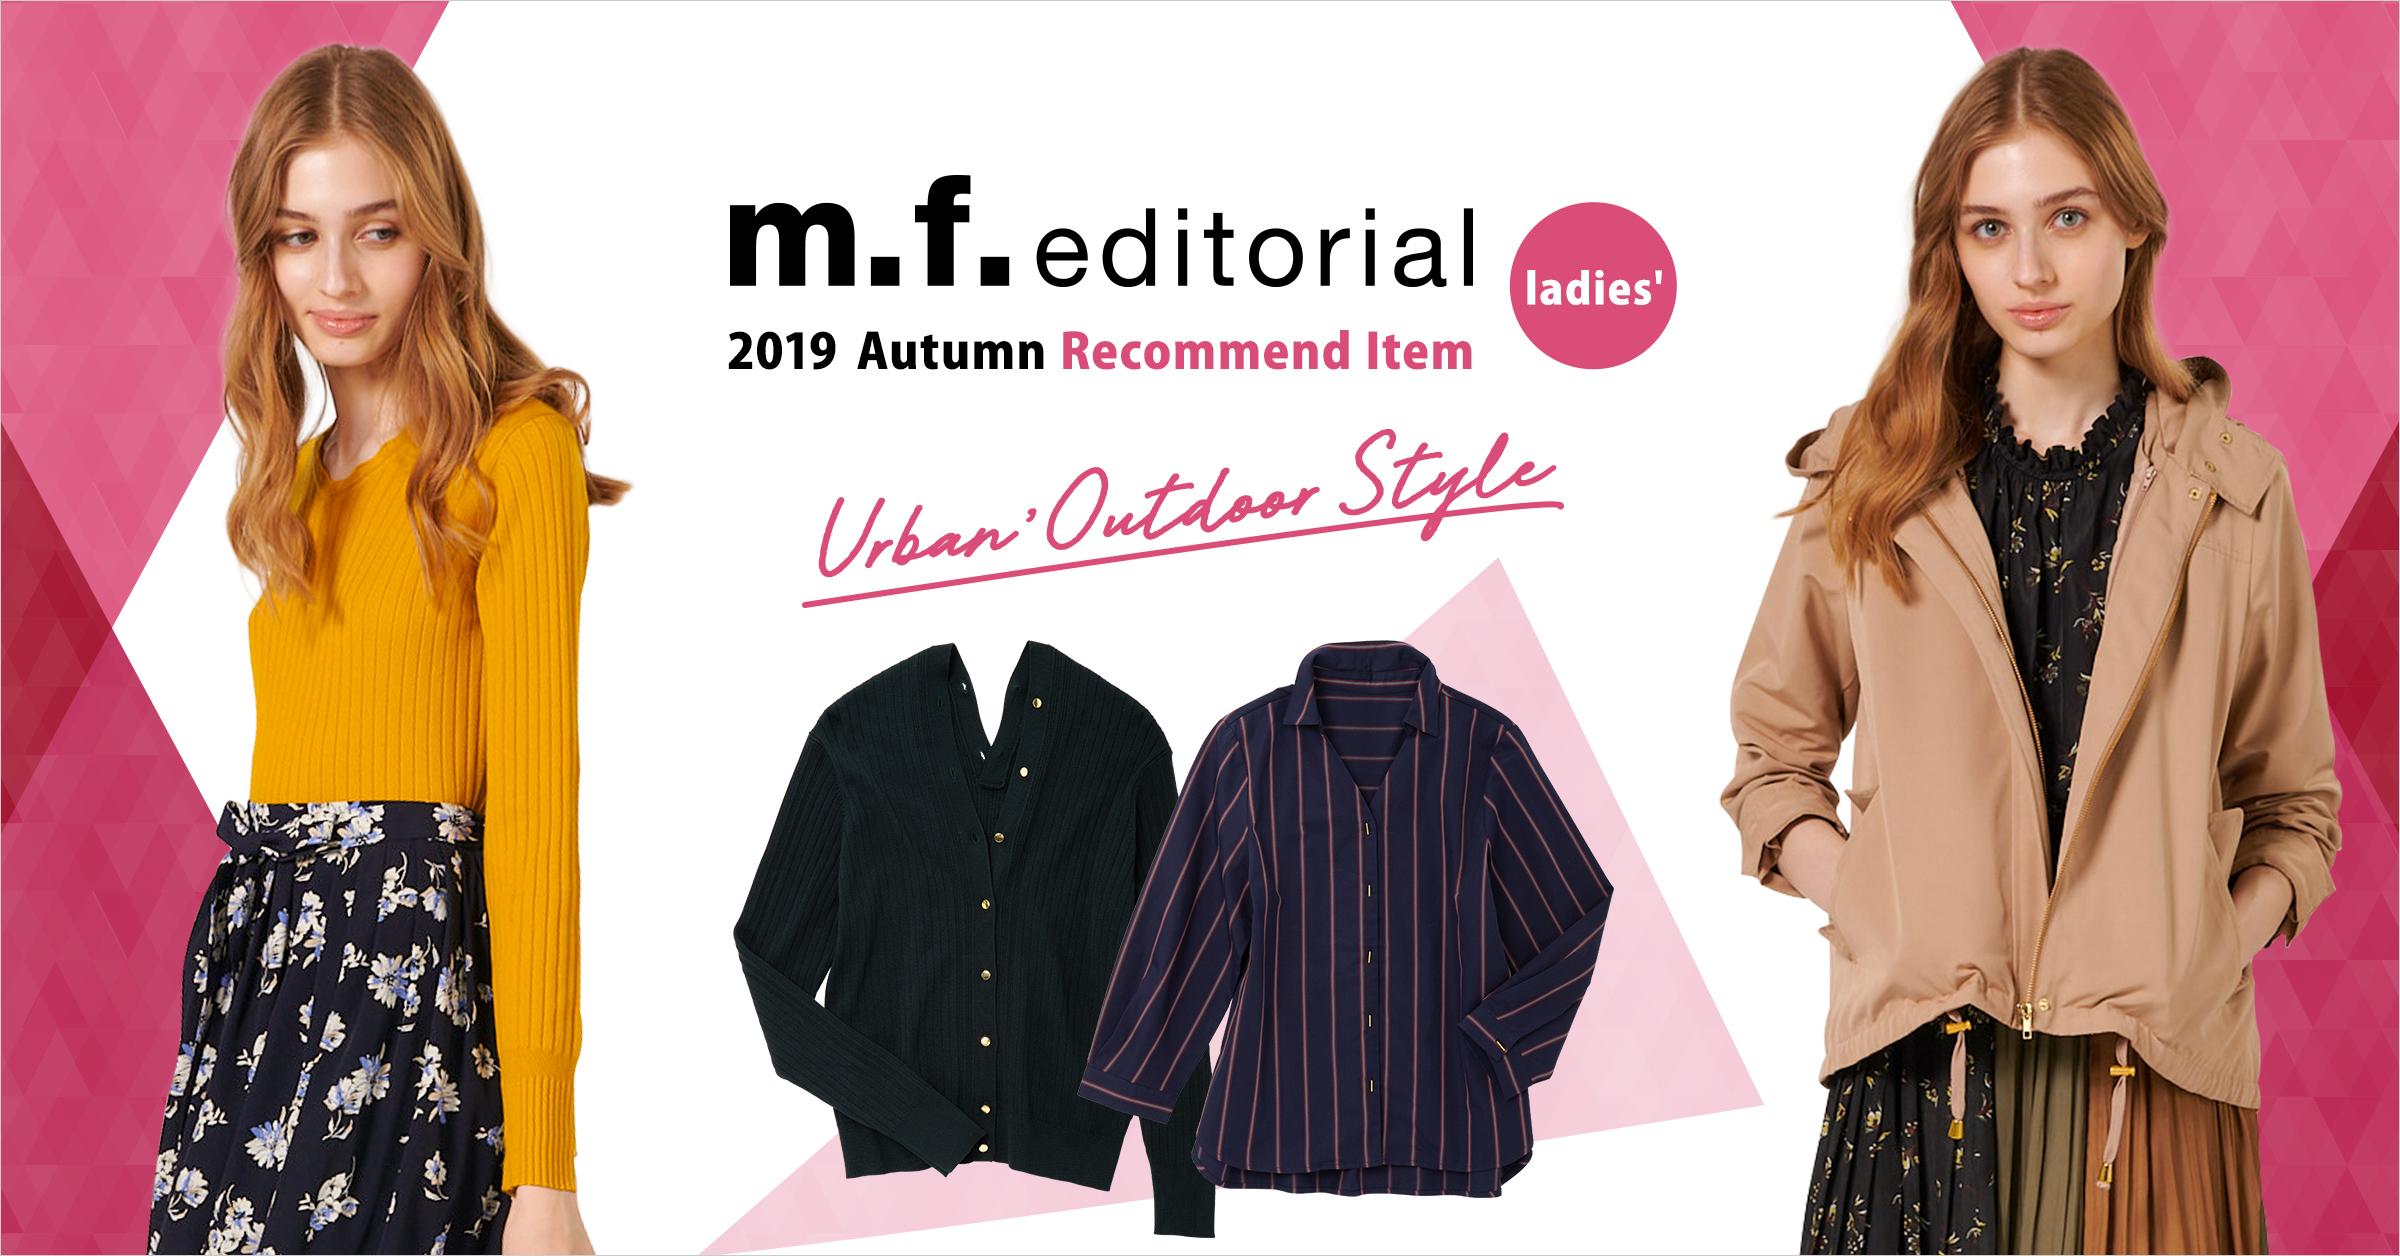 m.f.editorial 秋のおすすめアイテム for Women